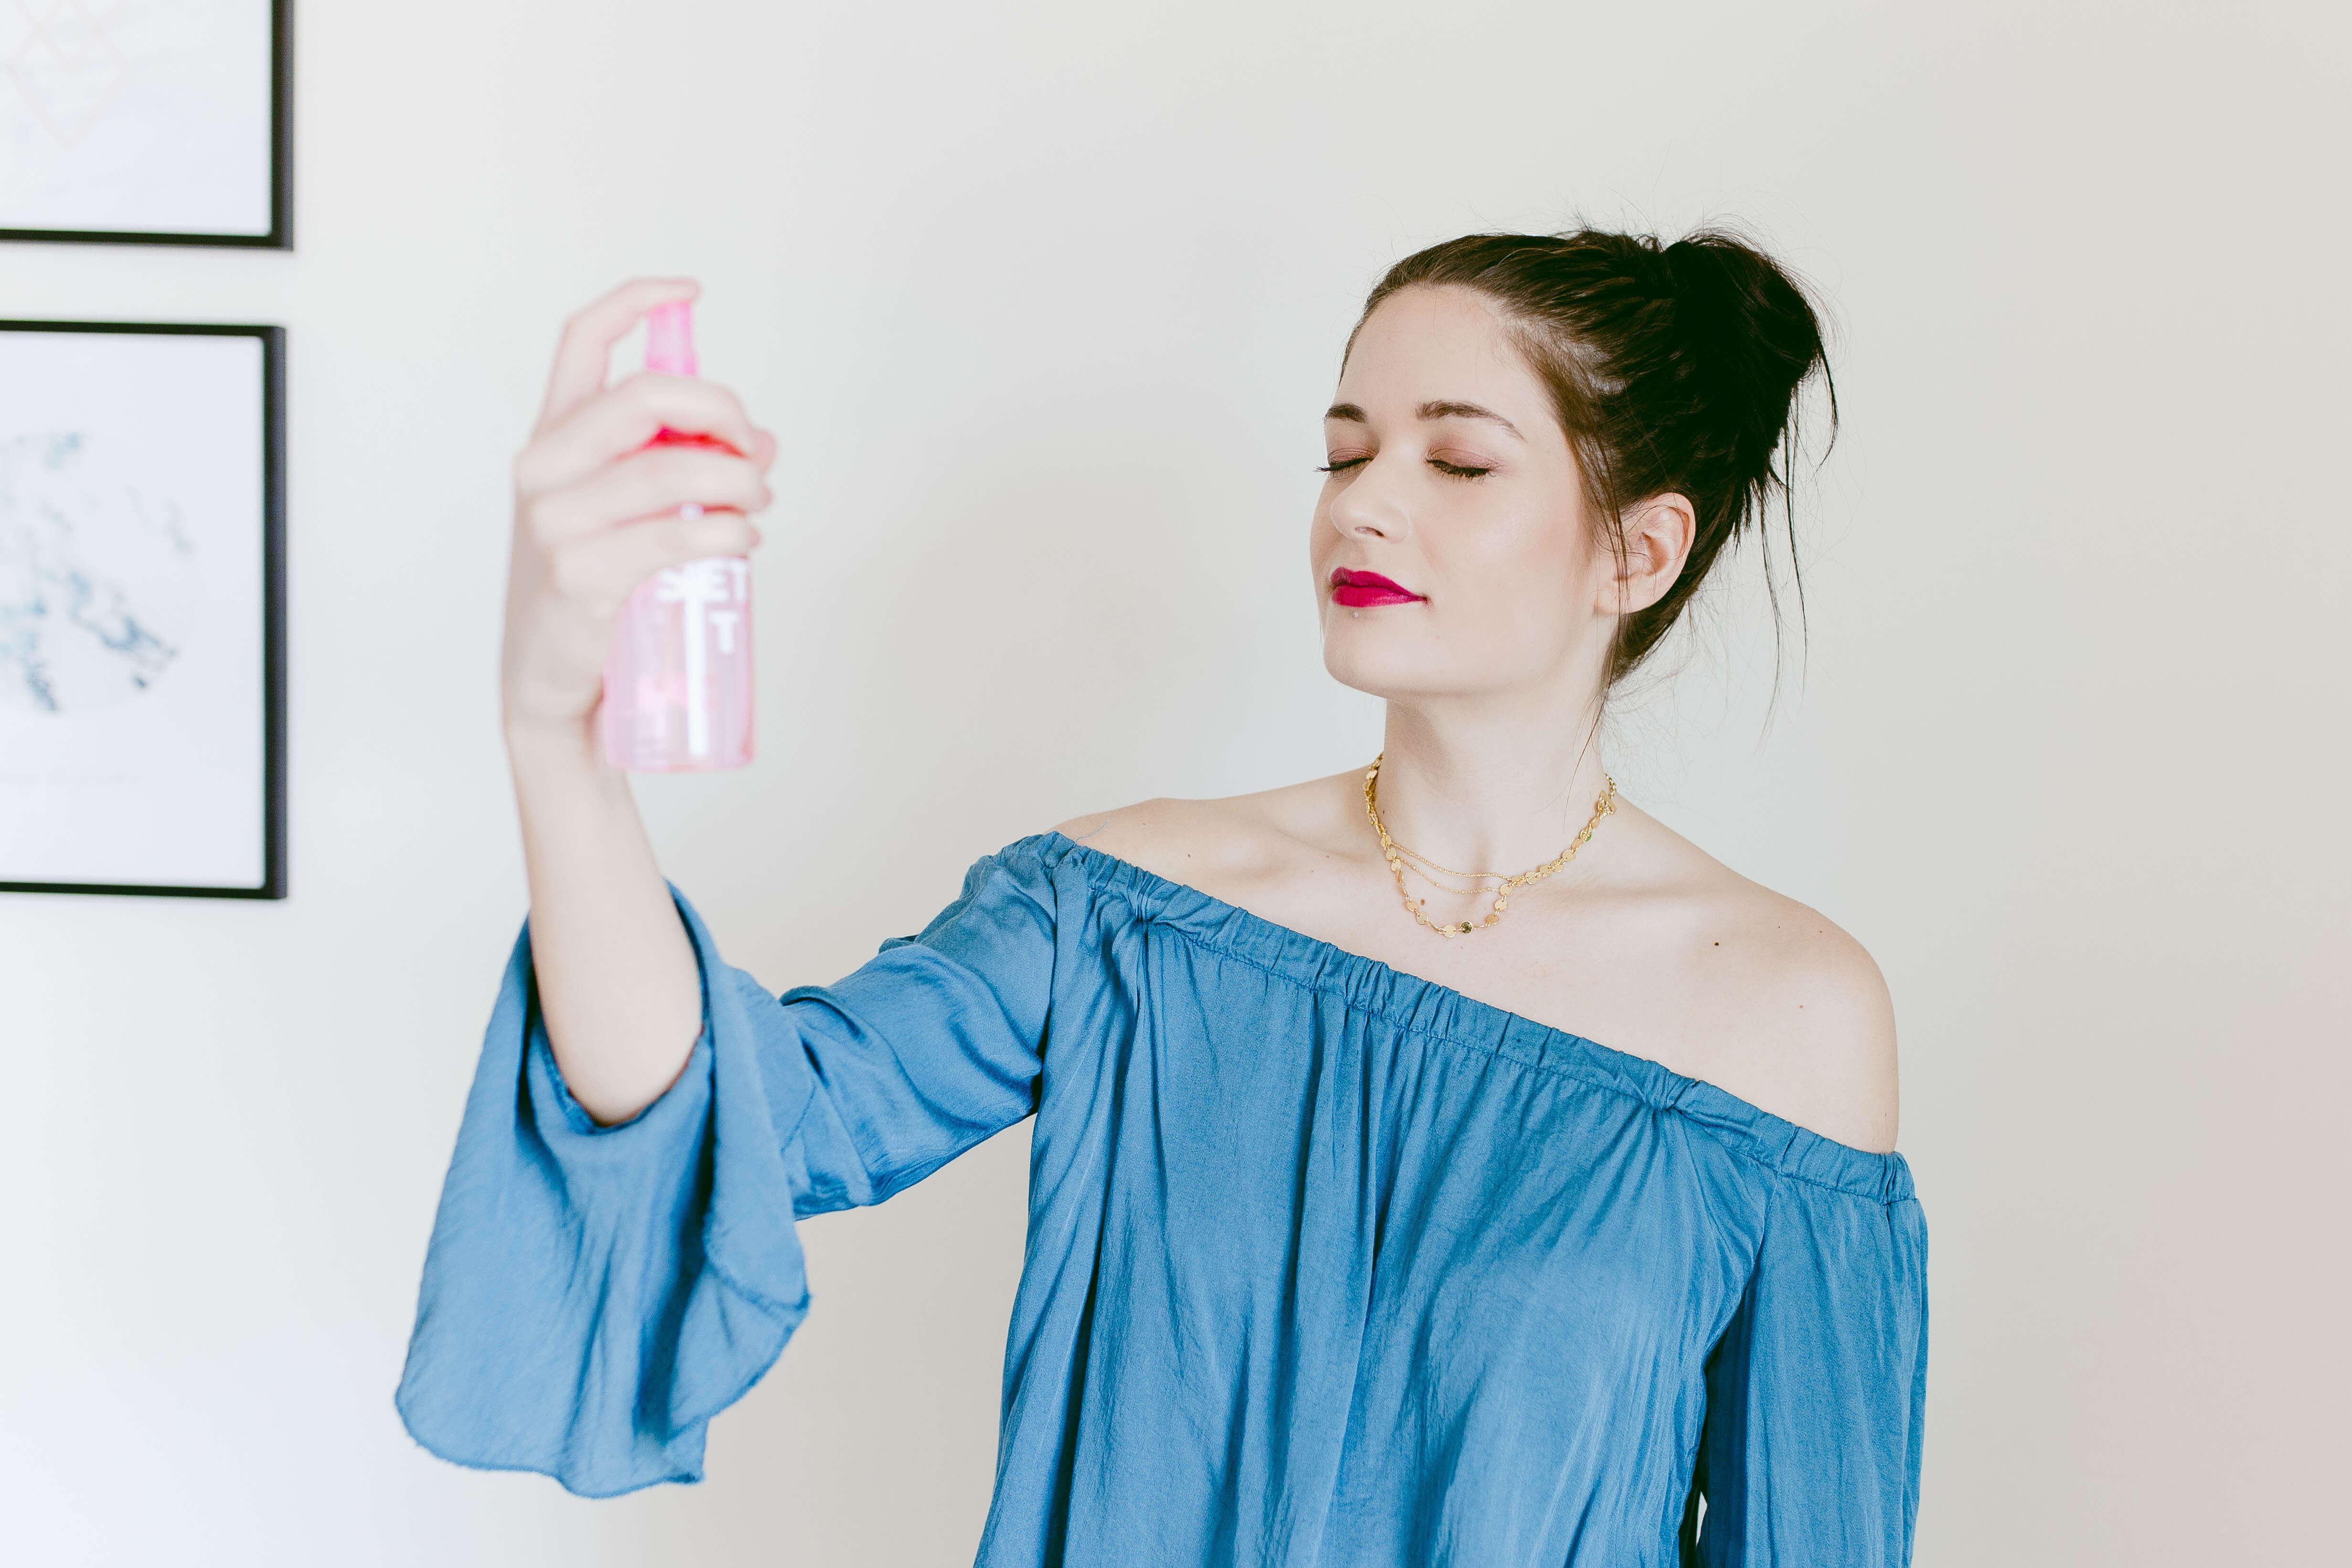 Yağlı cildin parlaması nasıl önlenir